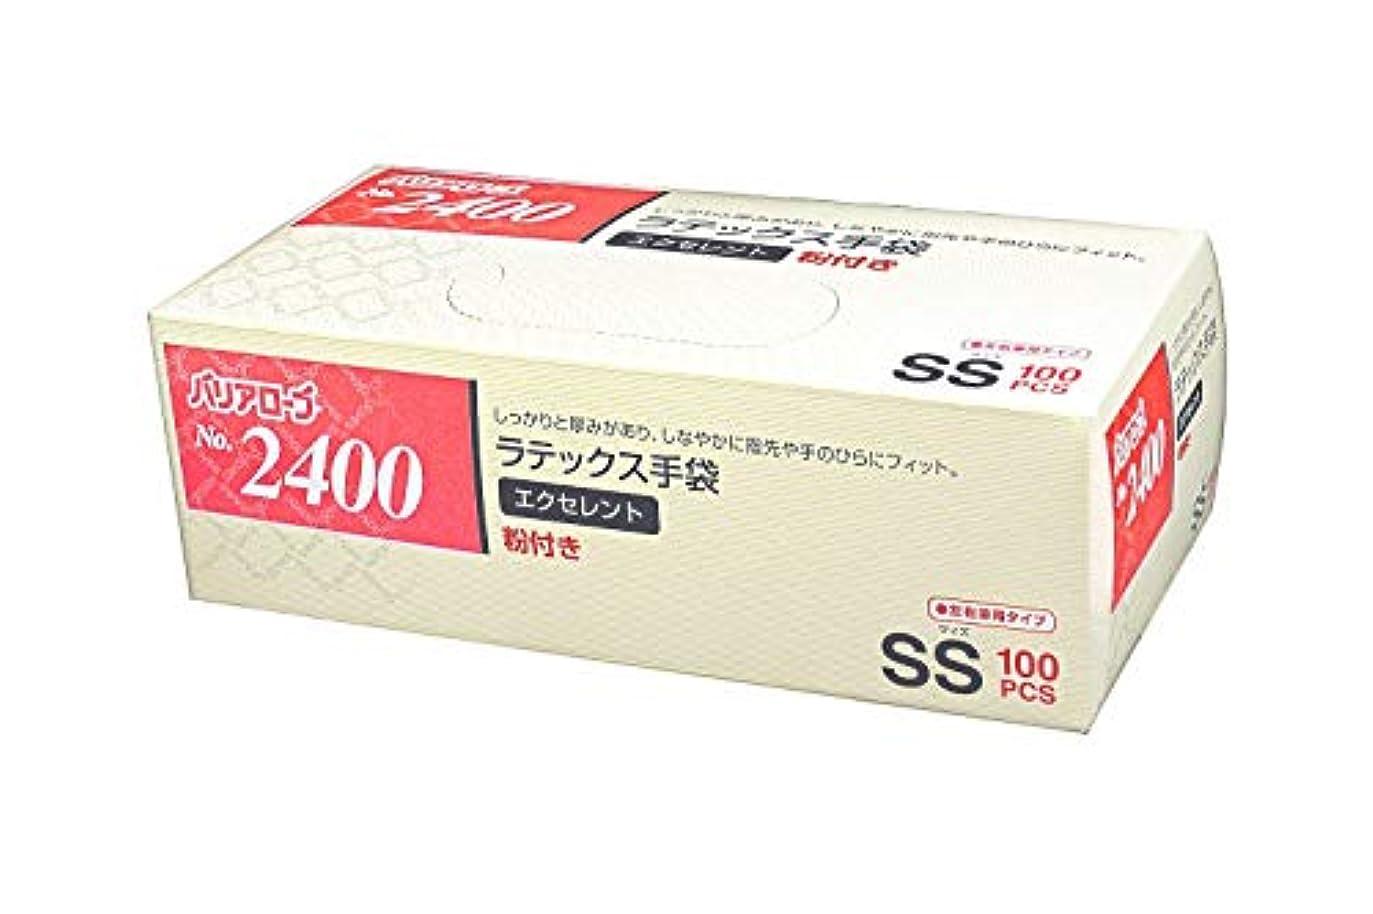 純度支配する郵便番号【ケース販売】 バリアローブ №2400 ラテックス手袋 エクセレント (粉付き) SS 2000枚(100枚×20箱)